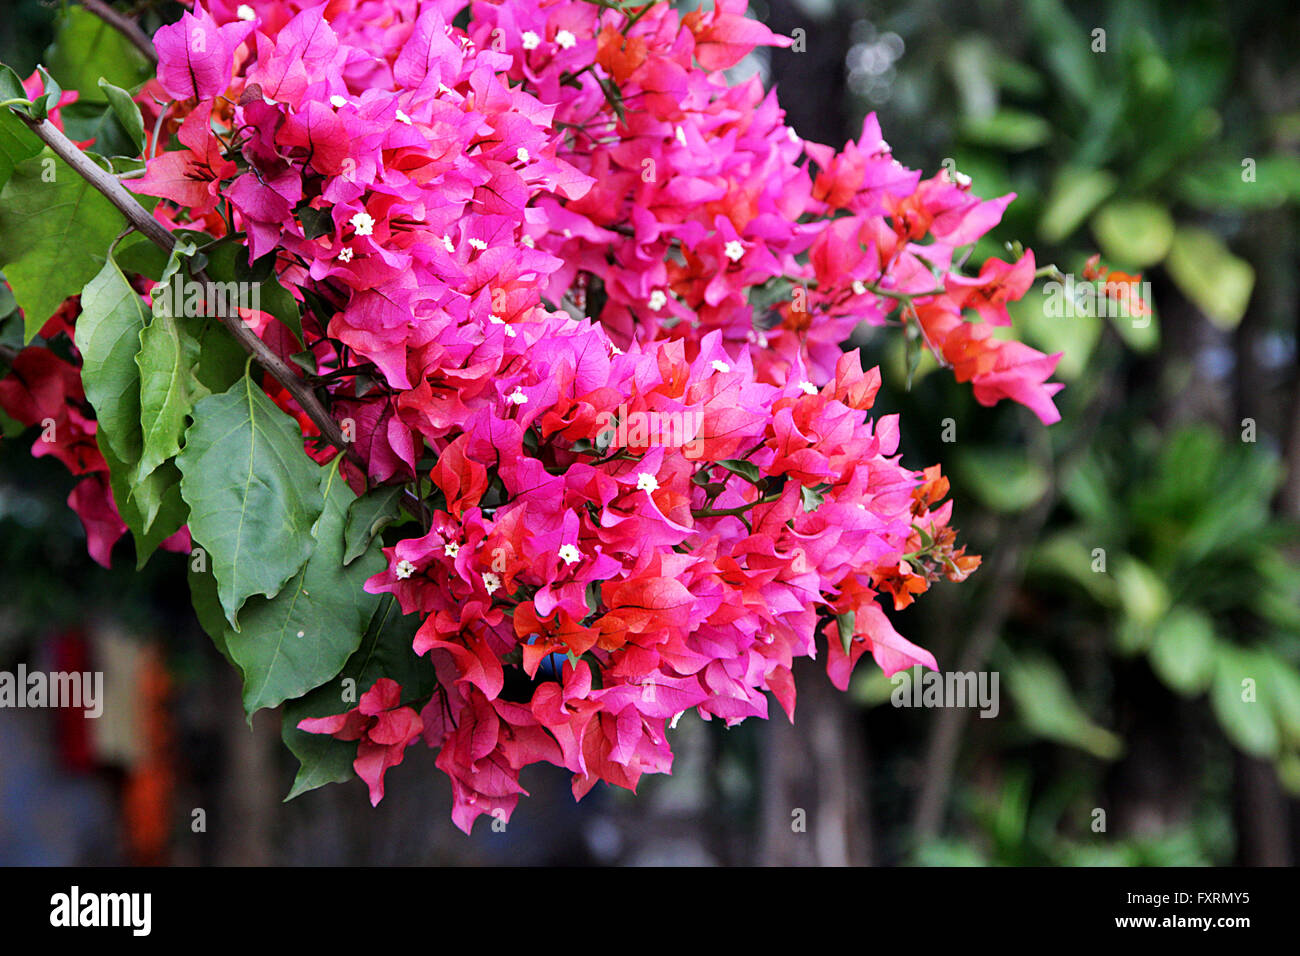 bouquet de rose rouge et de fleurs de bougainvilliers avec feuillage